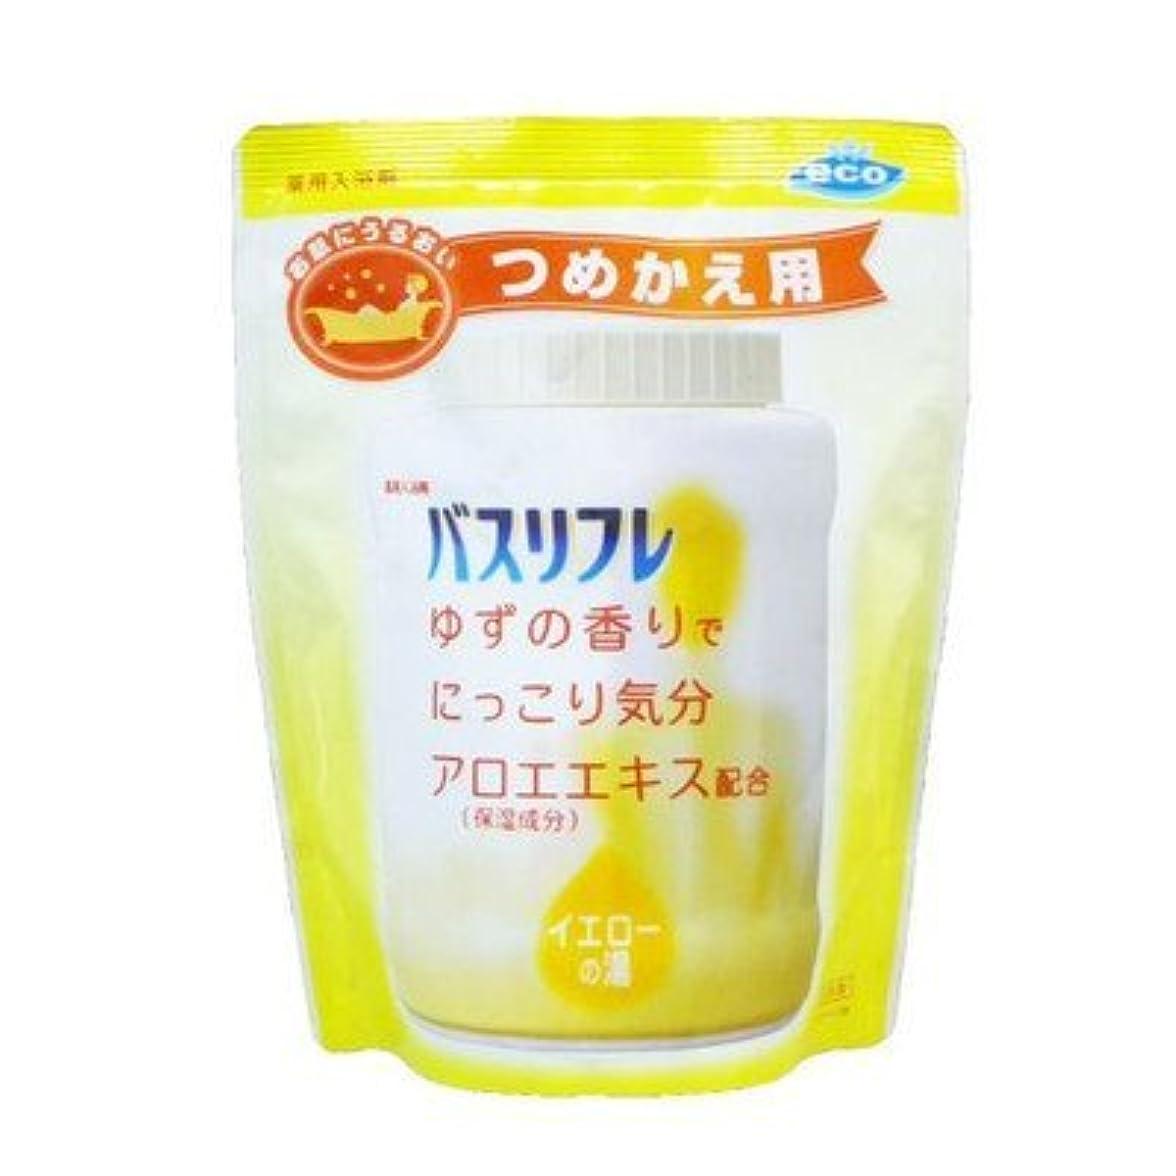 診療所苦痛混合した薬用入浴剤 バスリフレ イエローの湯 つめかえ用 540g ゆずの香り (ライオンケミカル) Japan